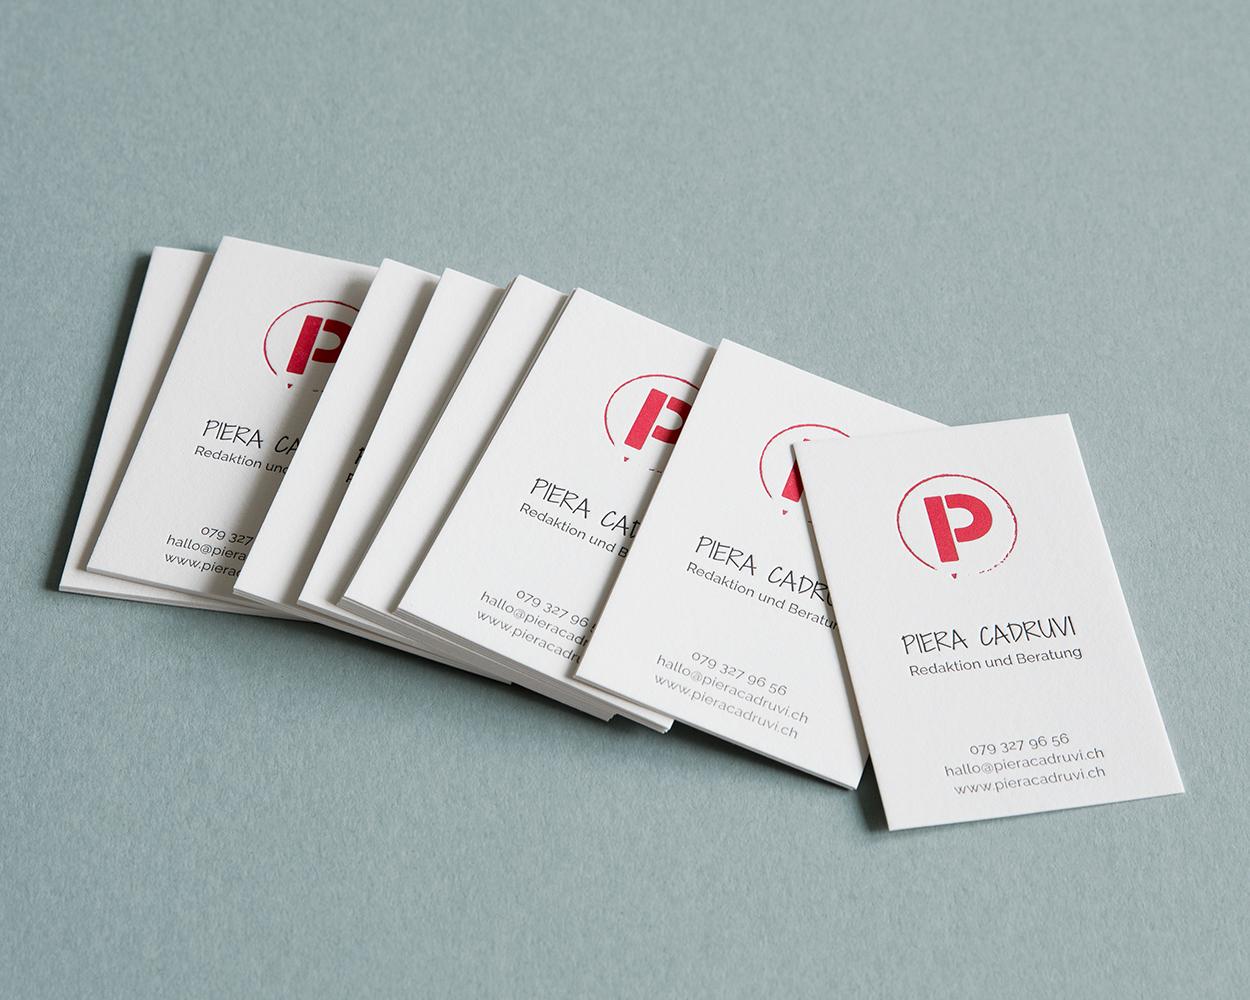 Visitenkarten-Piera-Cadruvi.jpg